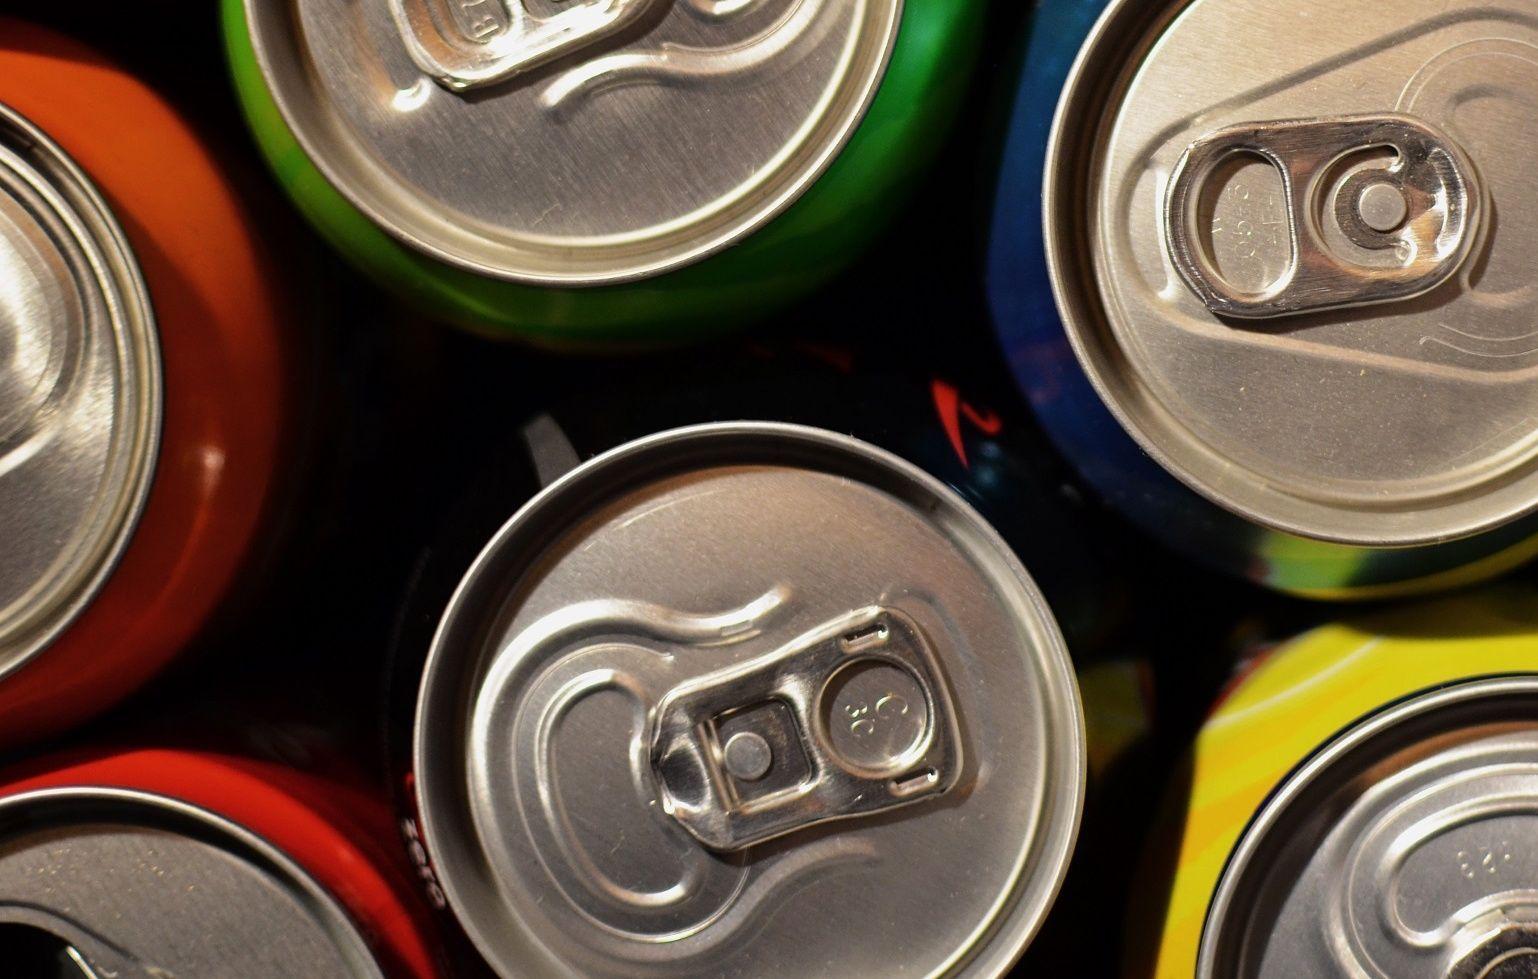 Studente muore per troppa caffeina, è allarme energy drink